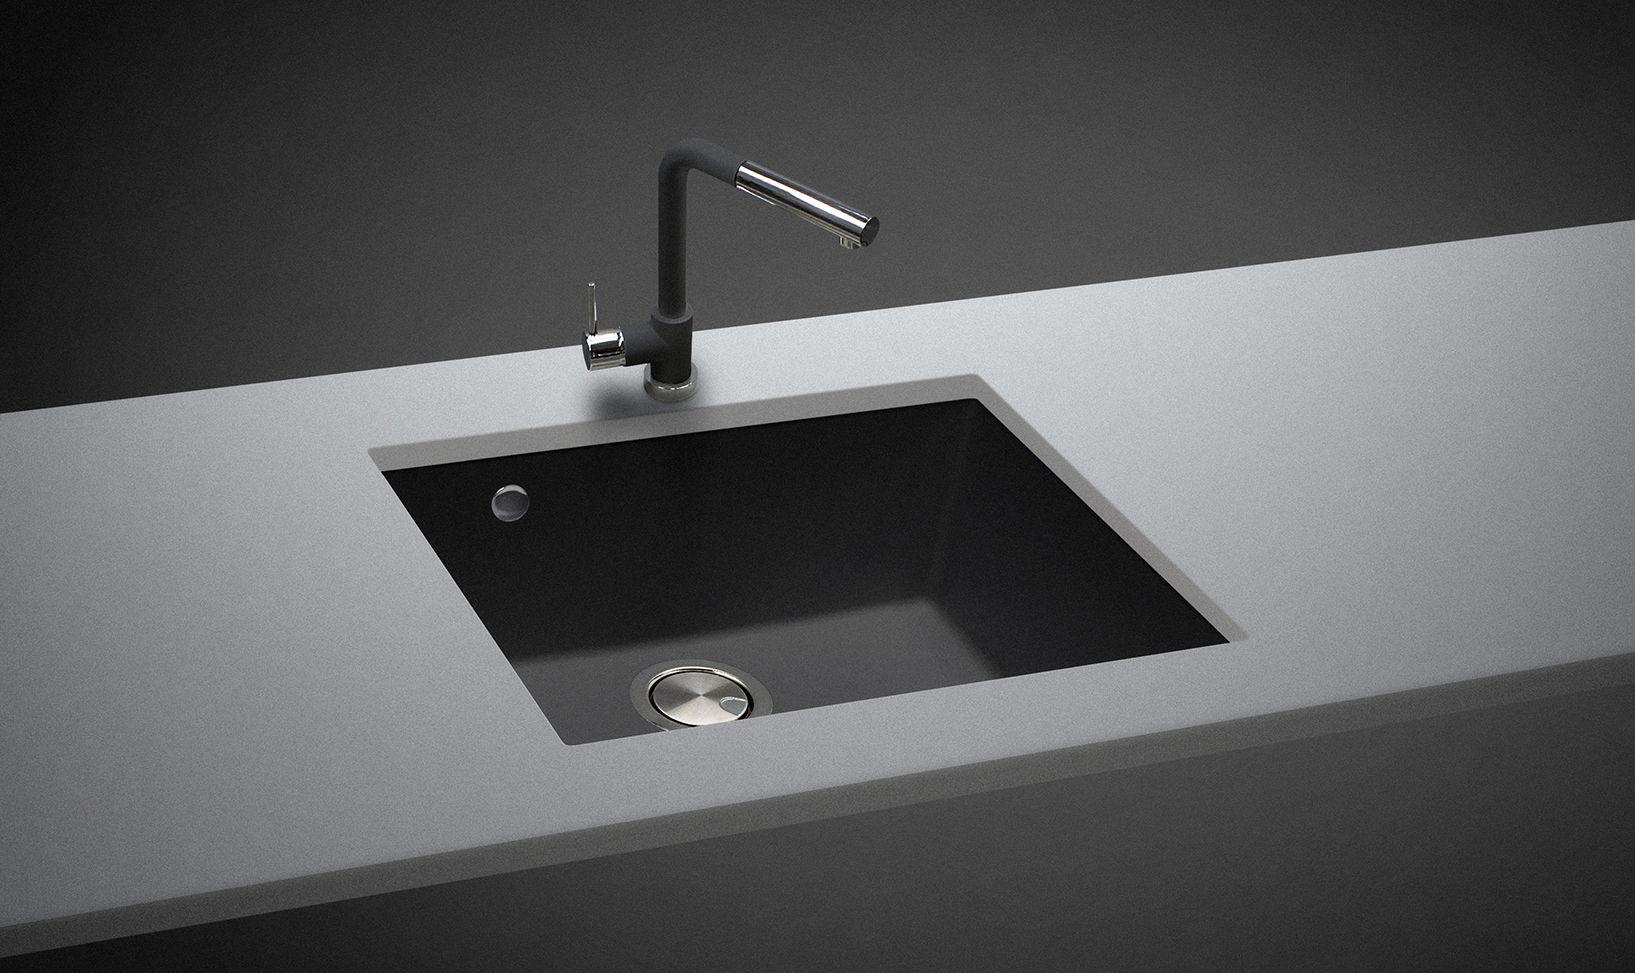 plados lavello  Lavello Plados ON6010 sottotop! Clicca su visita per saperne di più ...